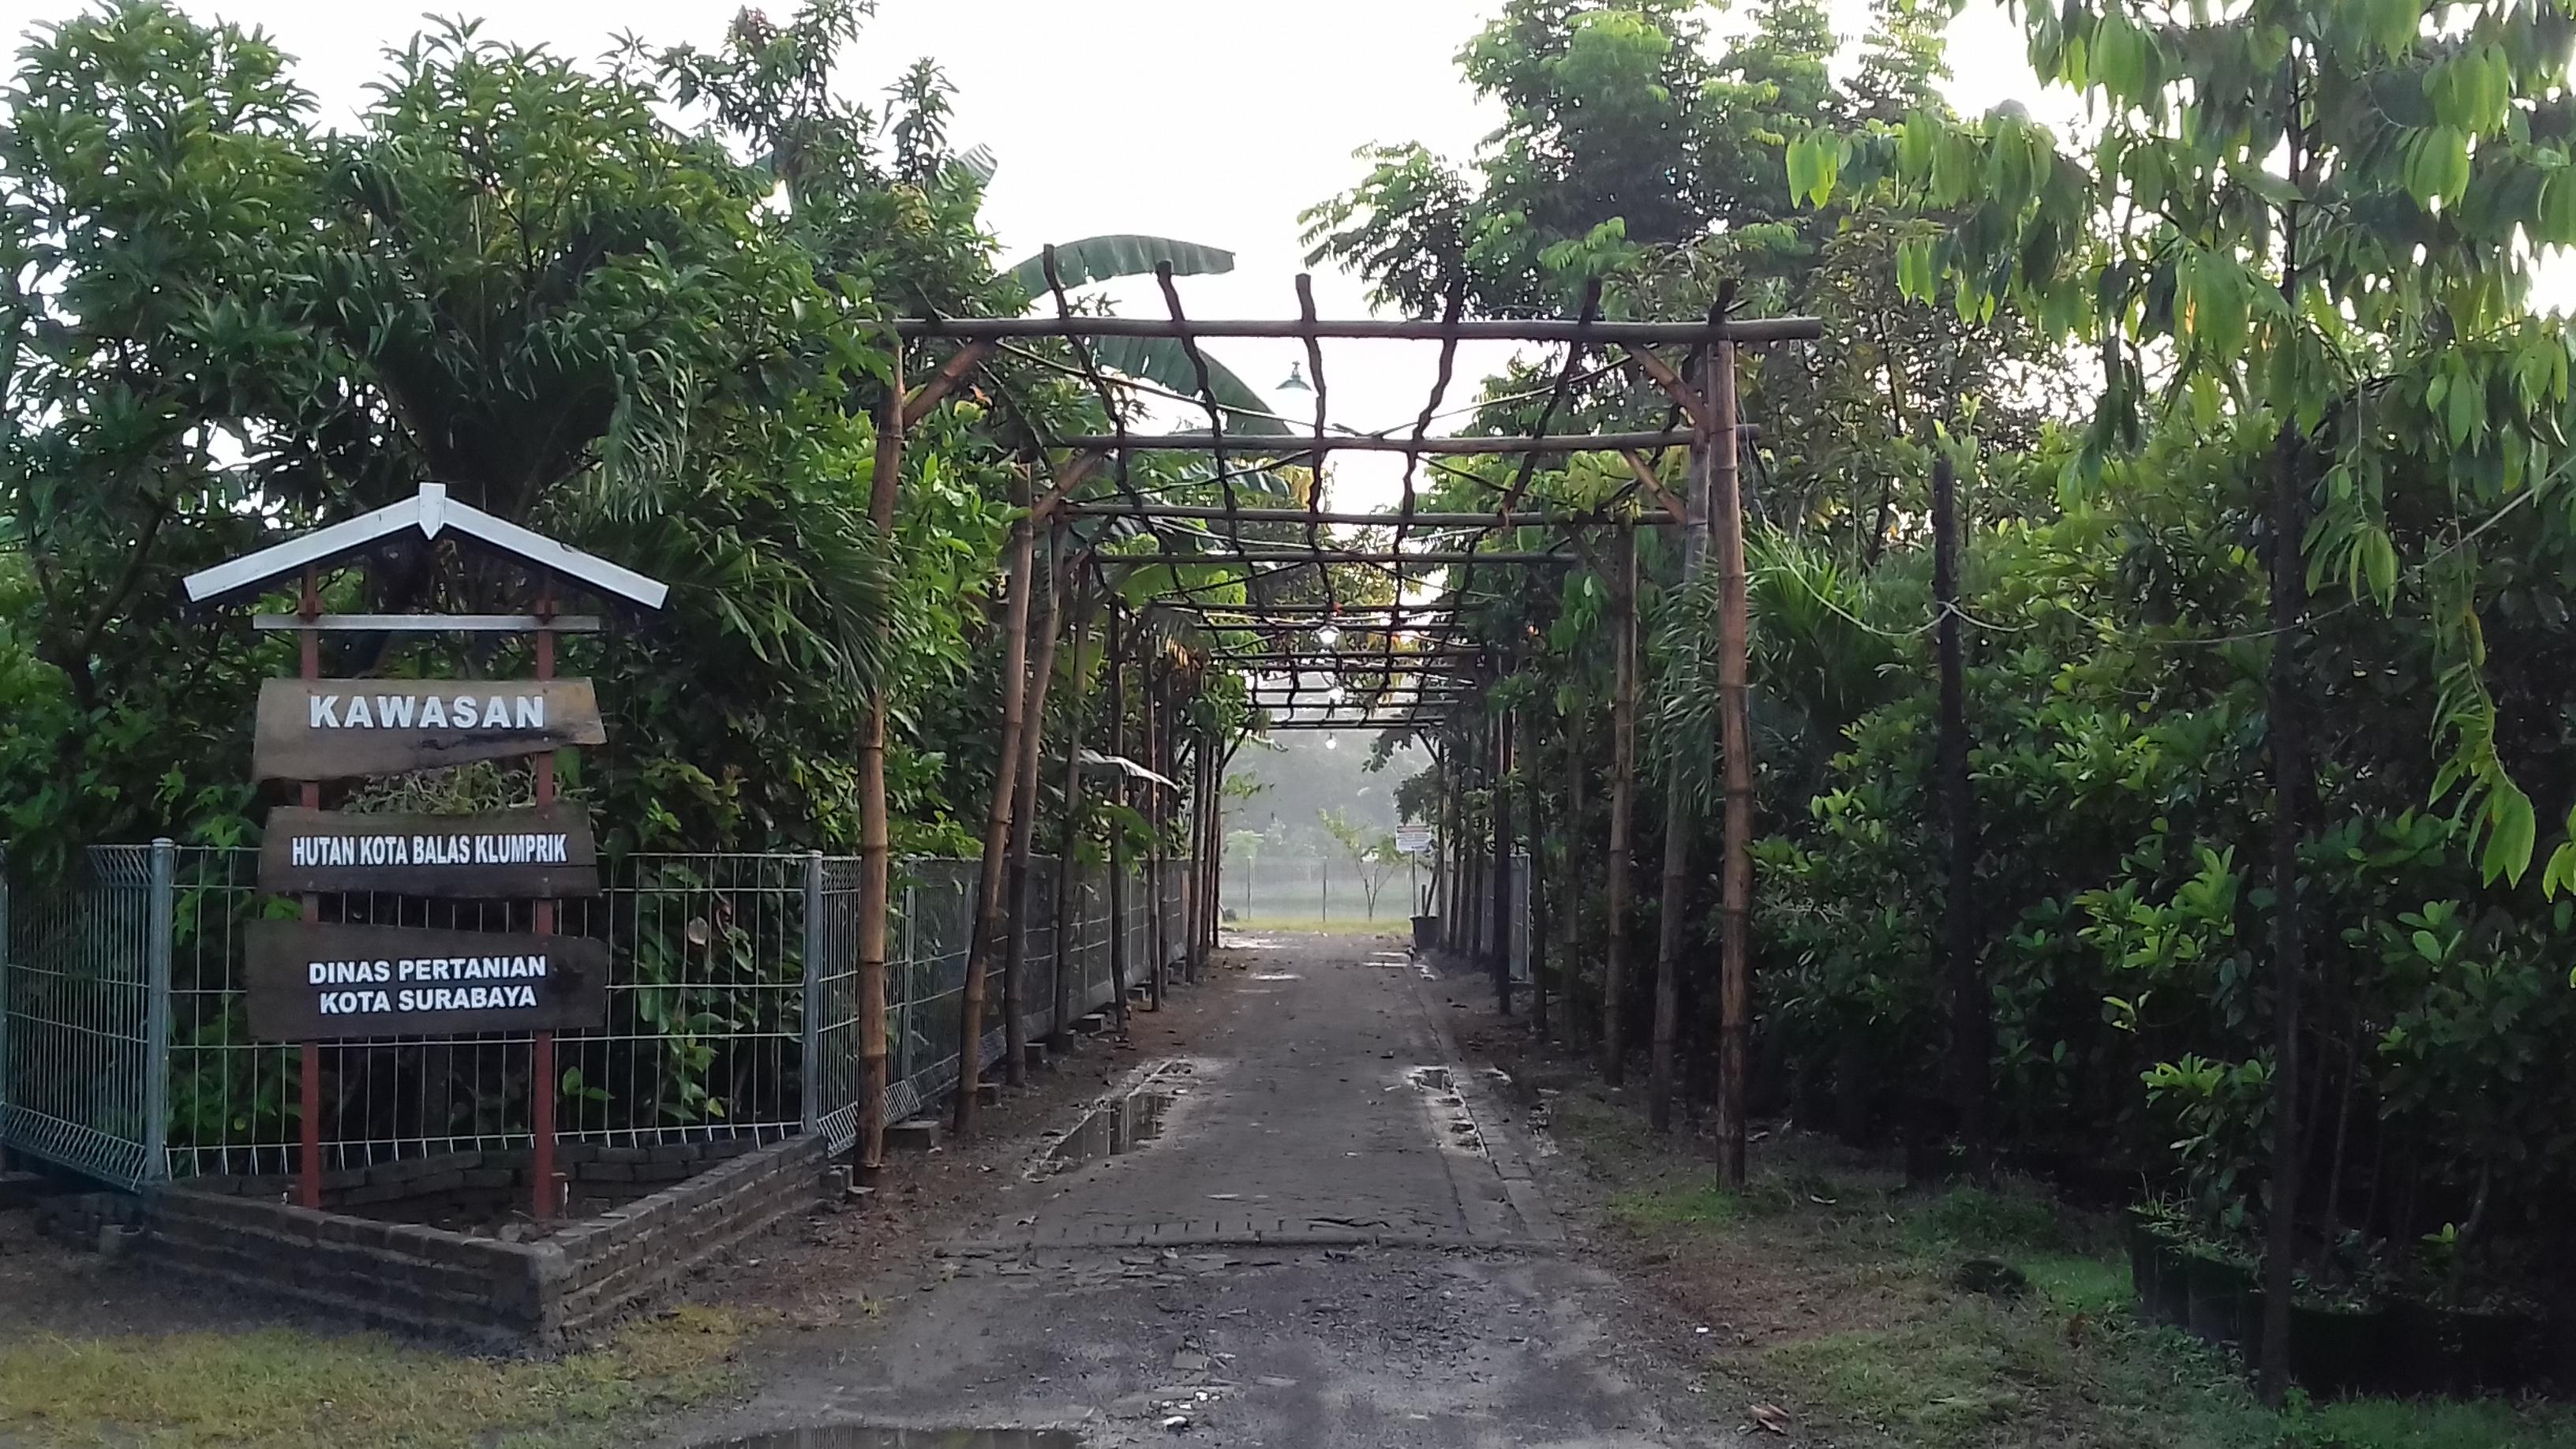 Hutan Kota Balas Klumprik